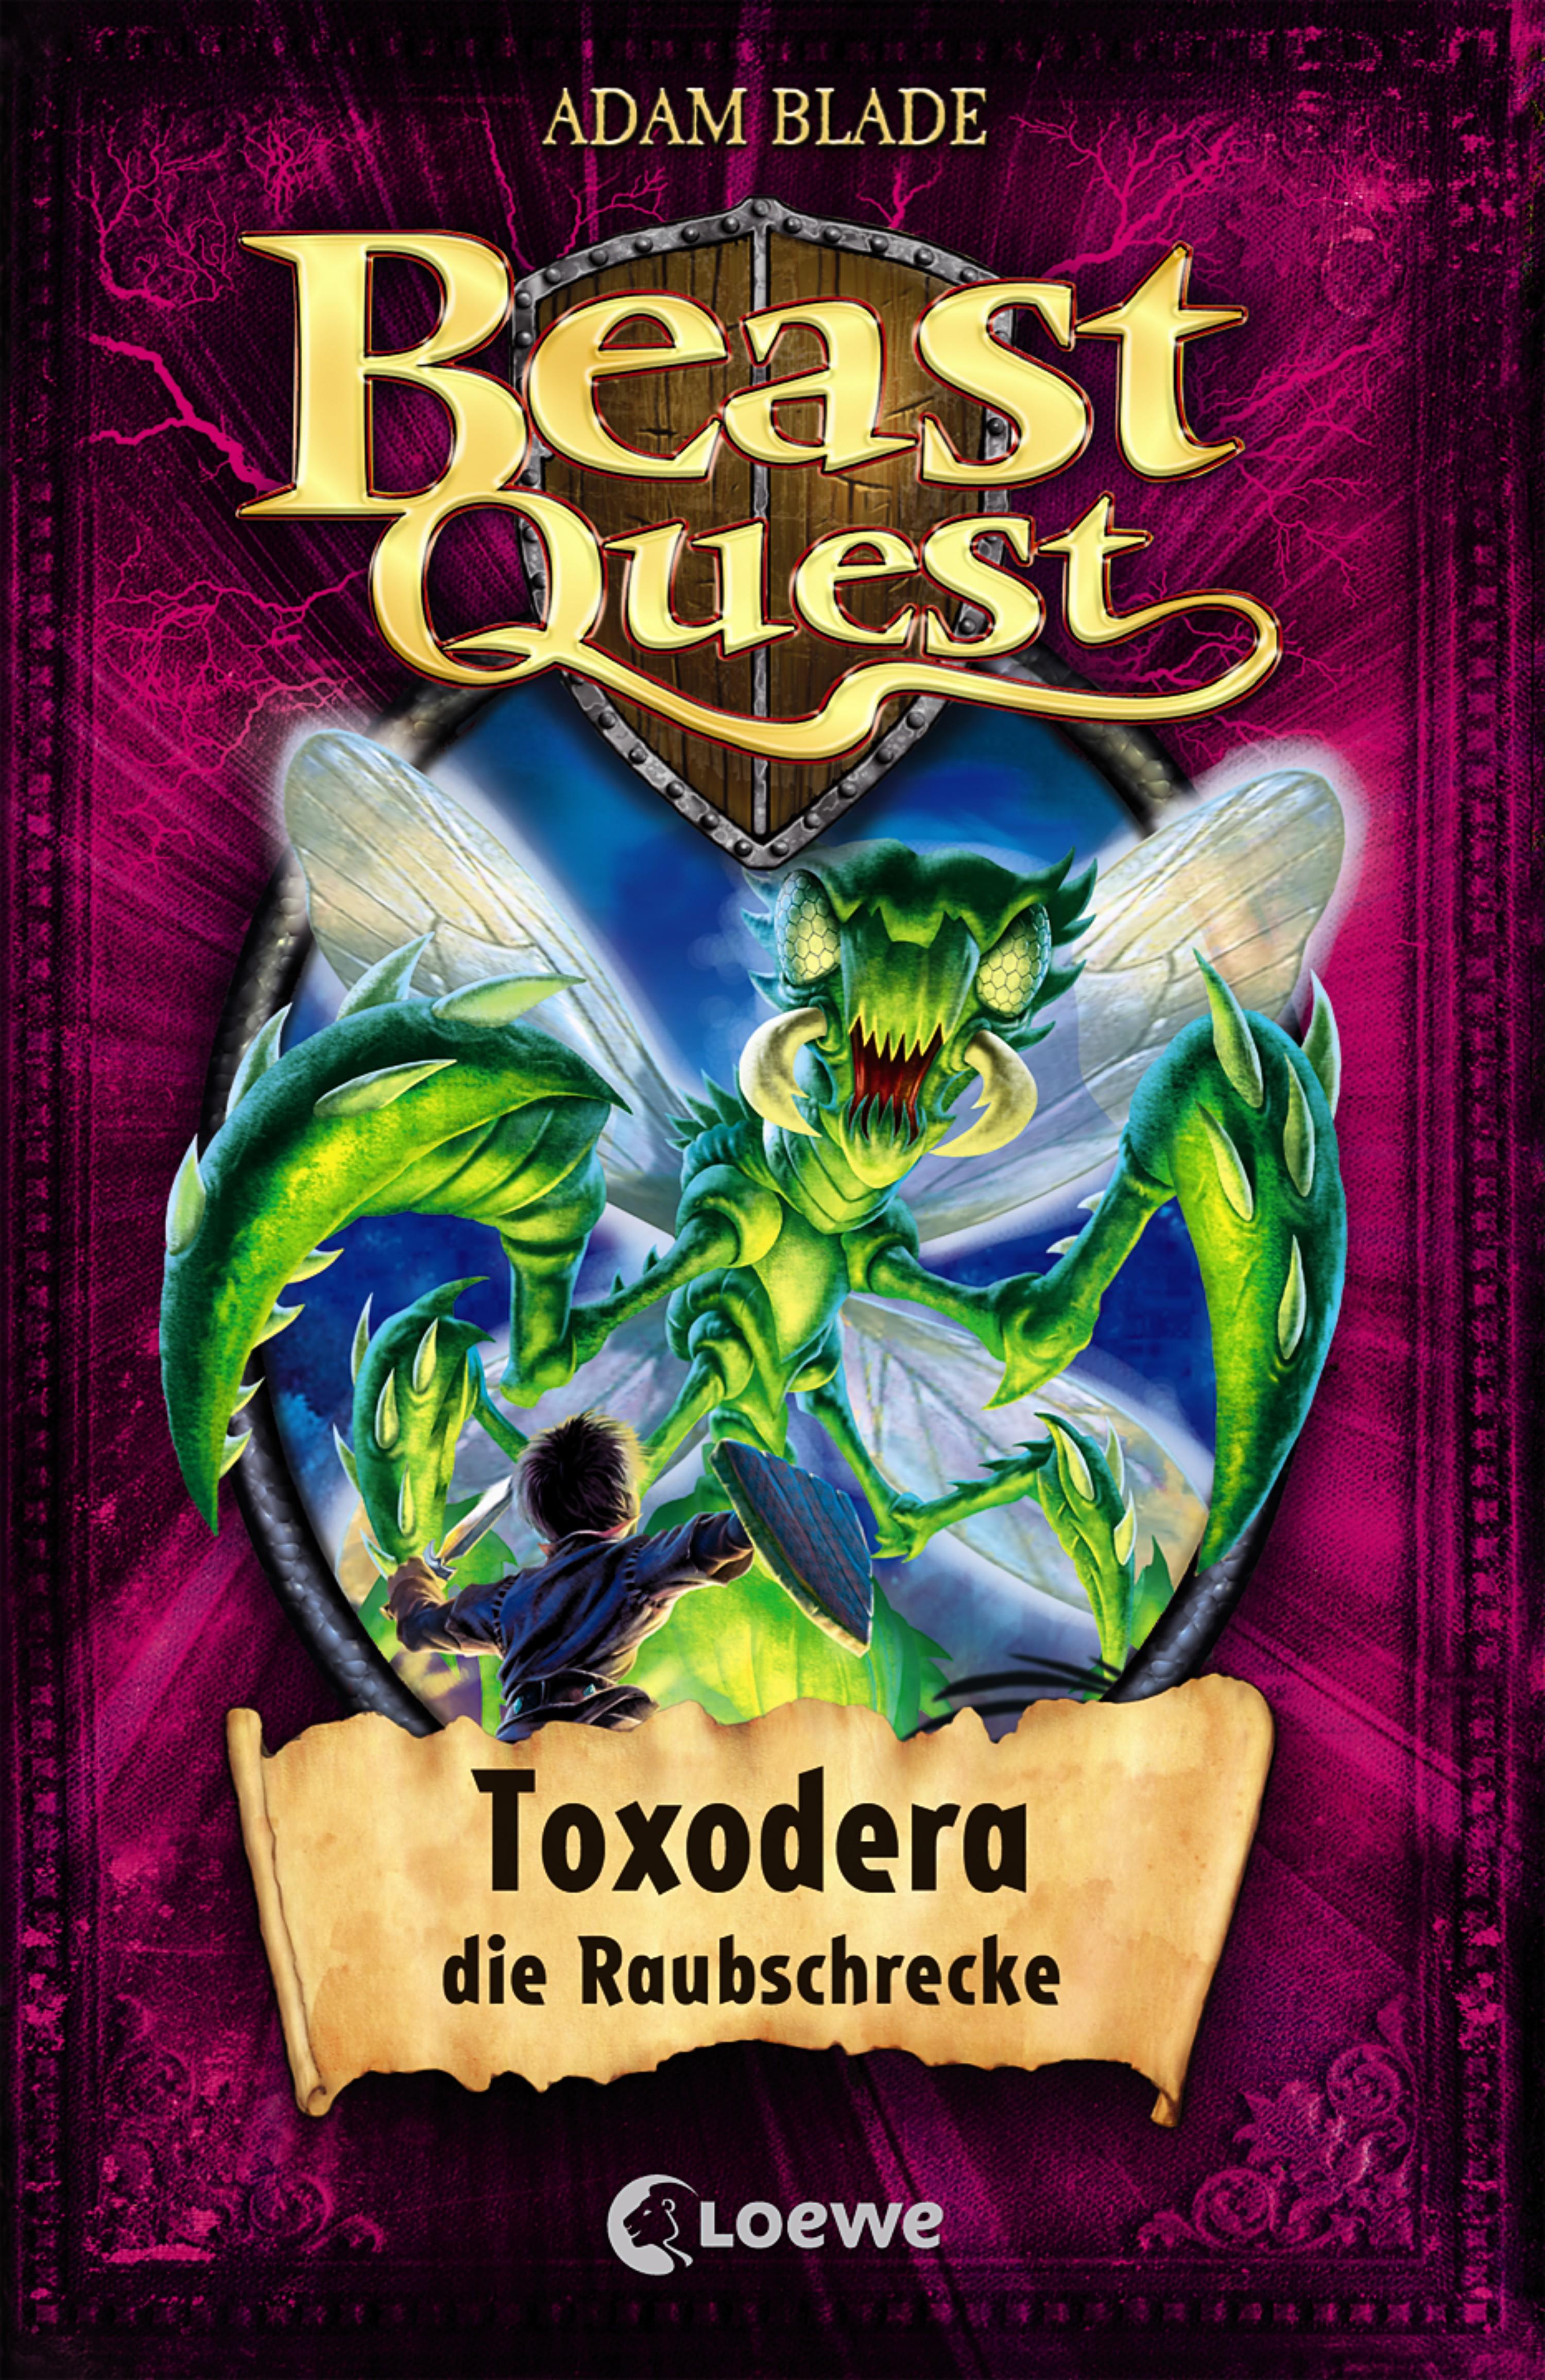 цена Adam Blade Beast Quest 30 - Toxodera, die Raubschrecke